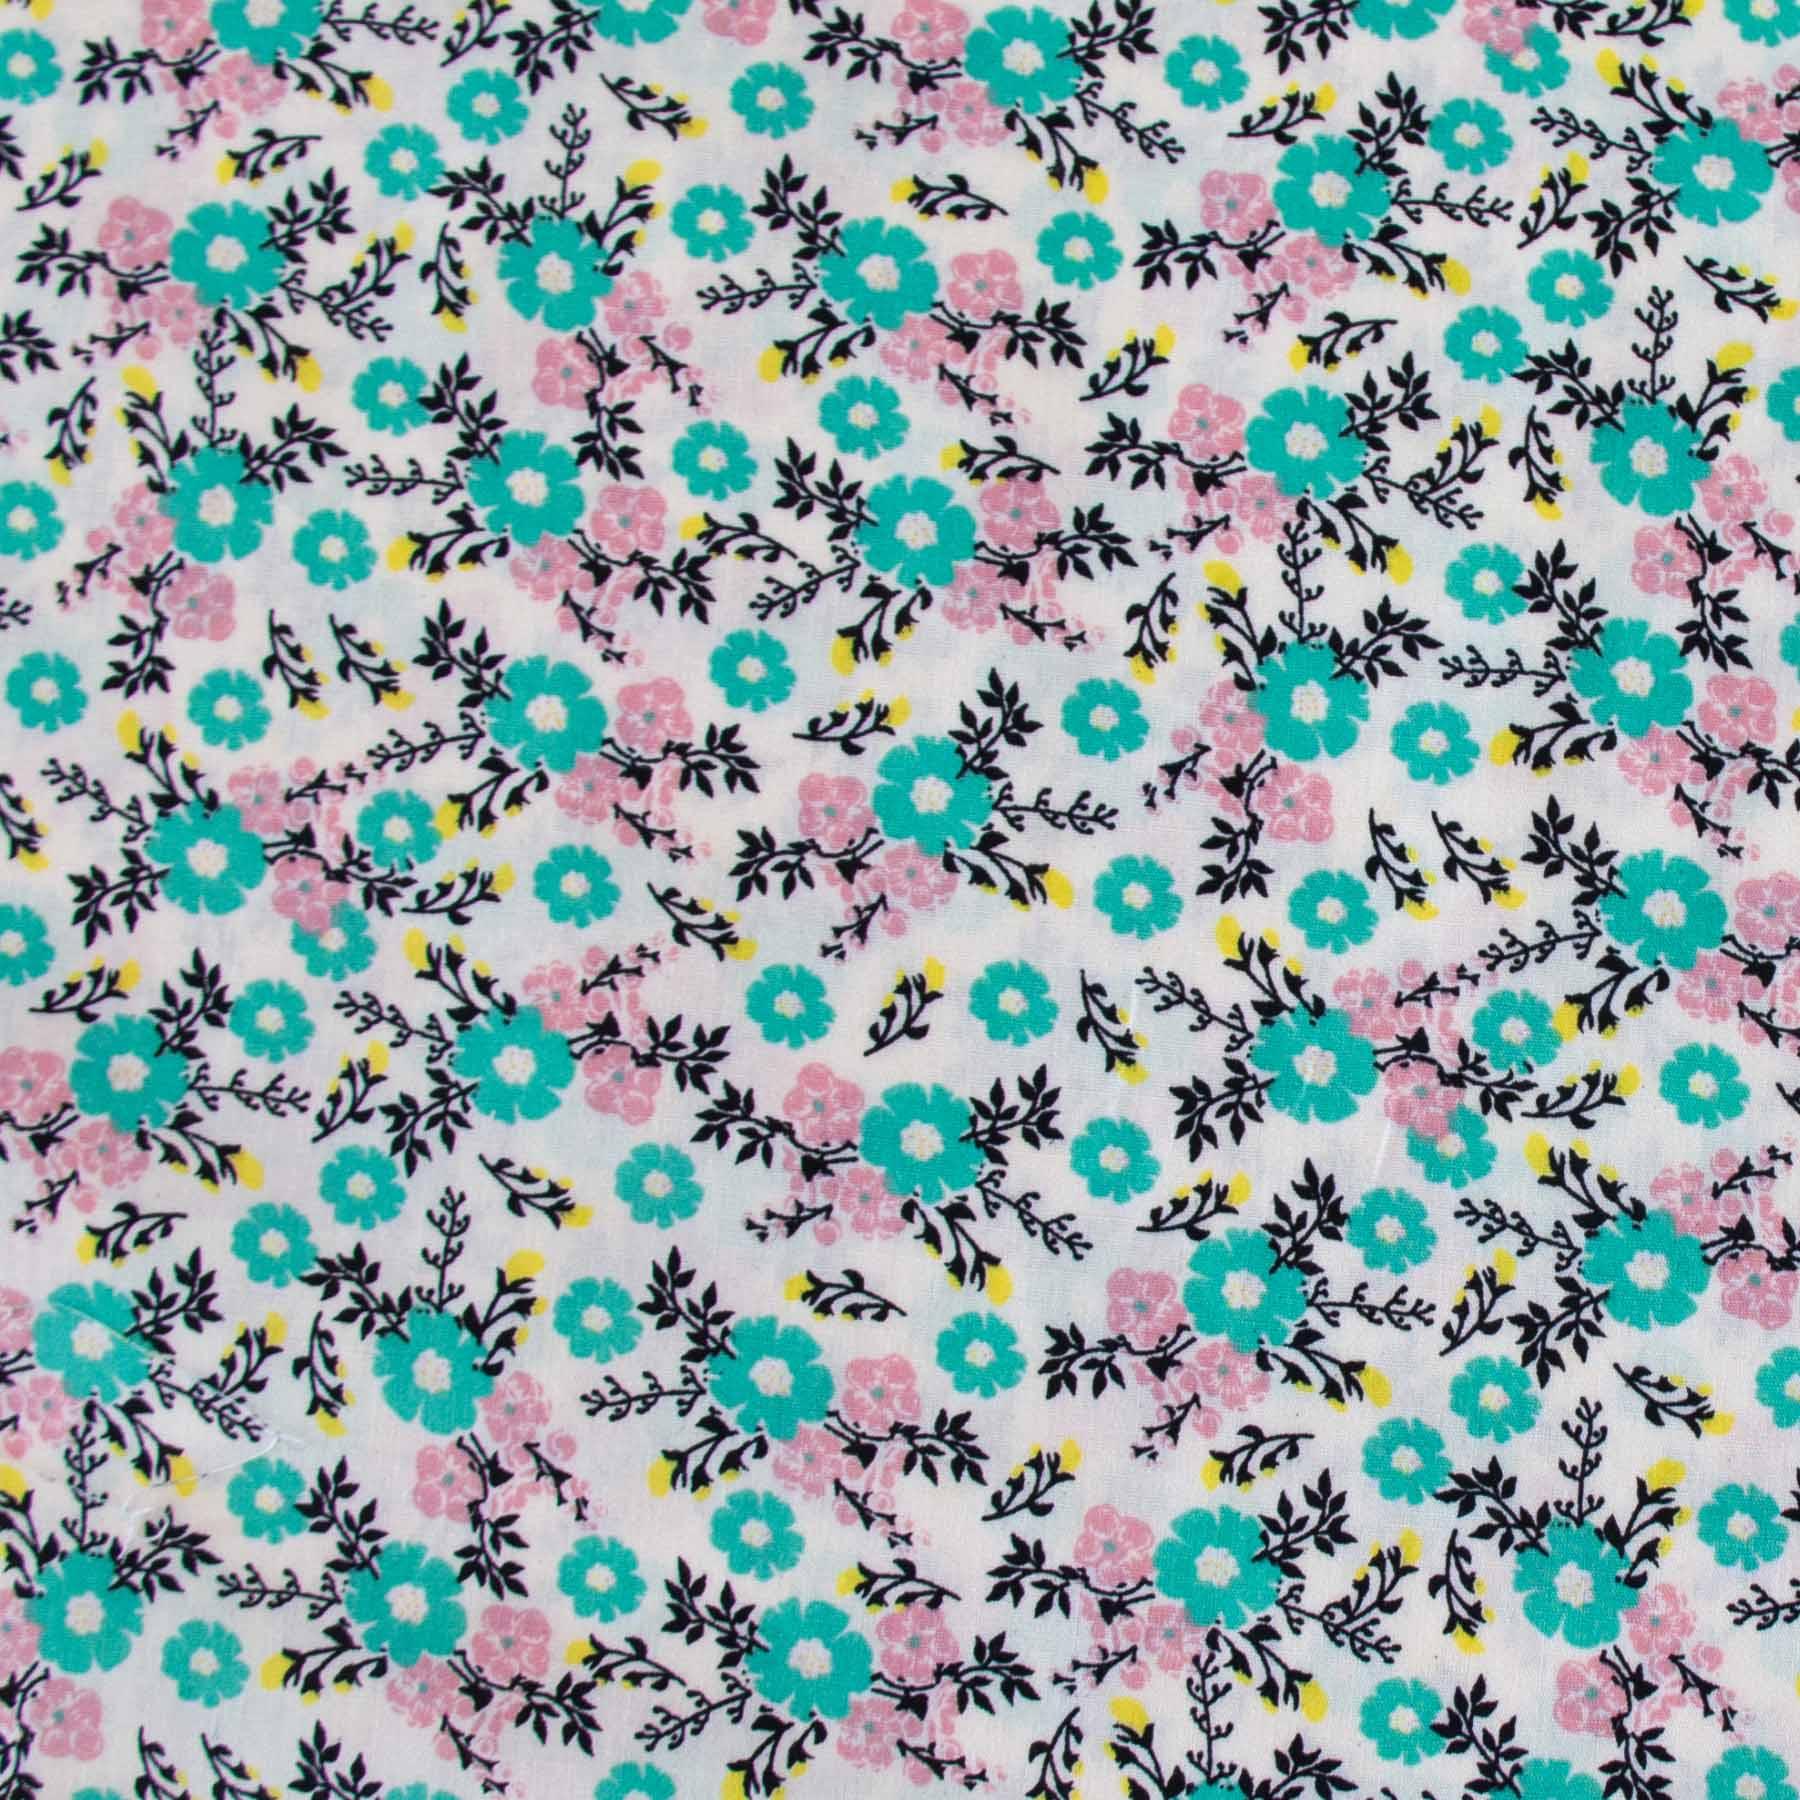 Tecido Tricoline estampado Floral verde e rosa fundo off white